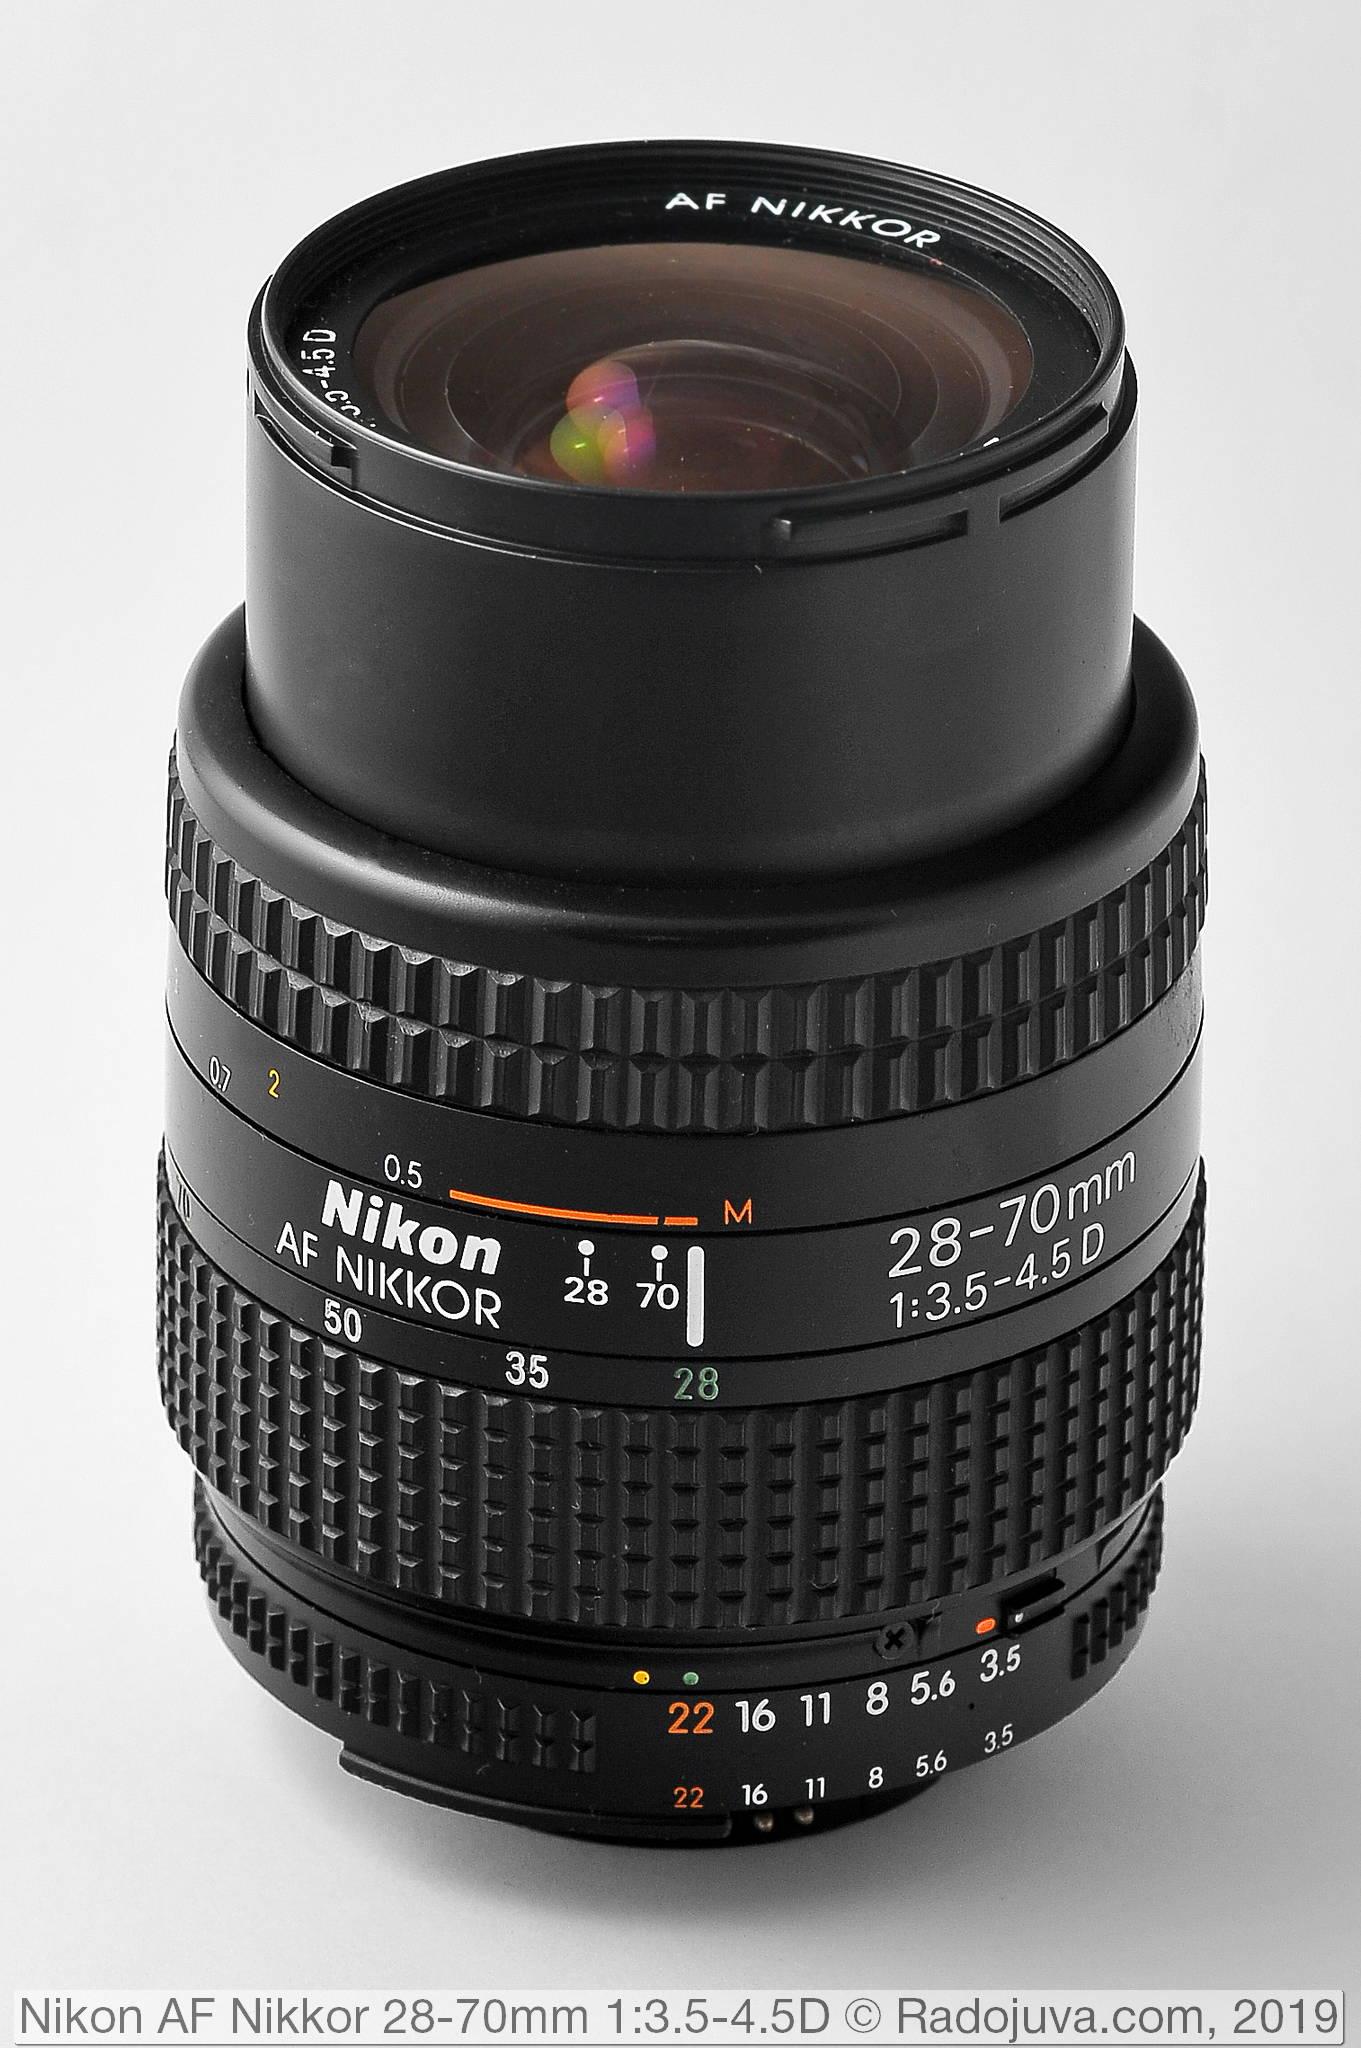 Тот самый Nikon AF Nikkor 28-70mm 1:3.5-4.5D